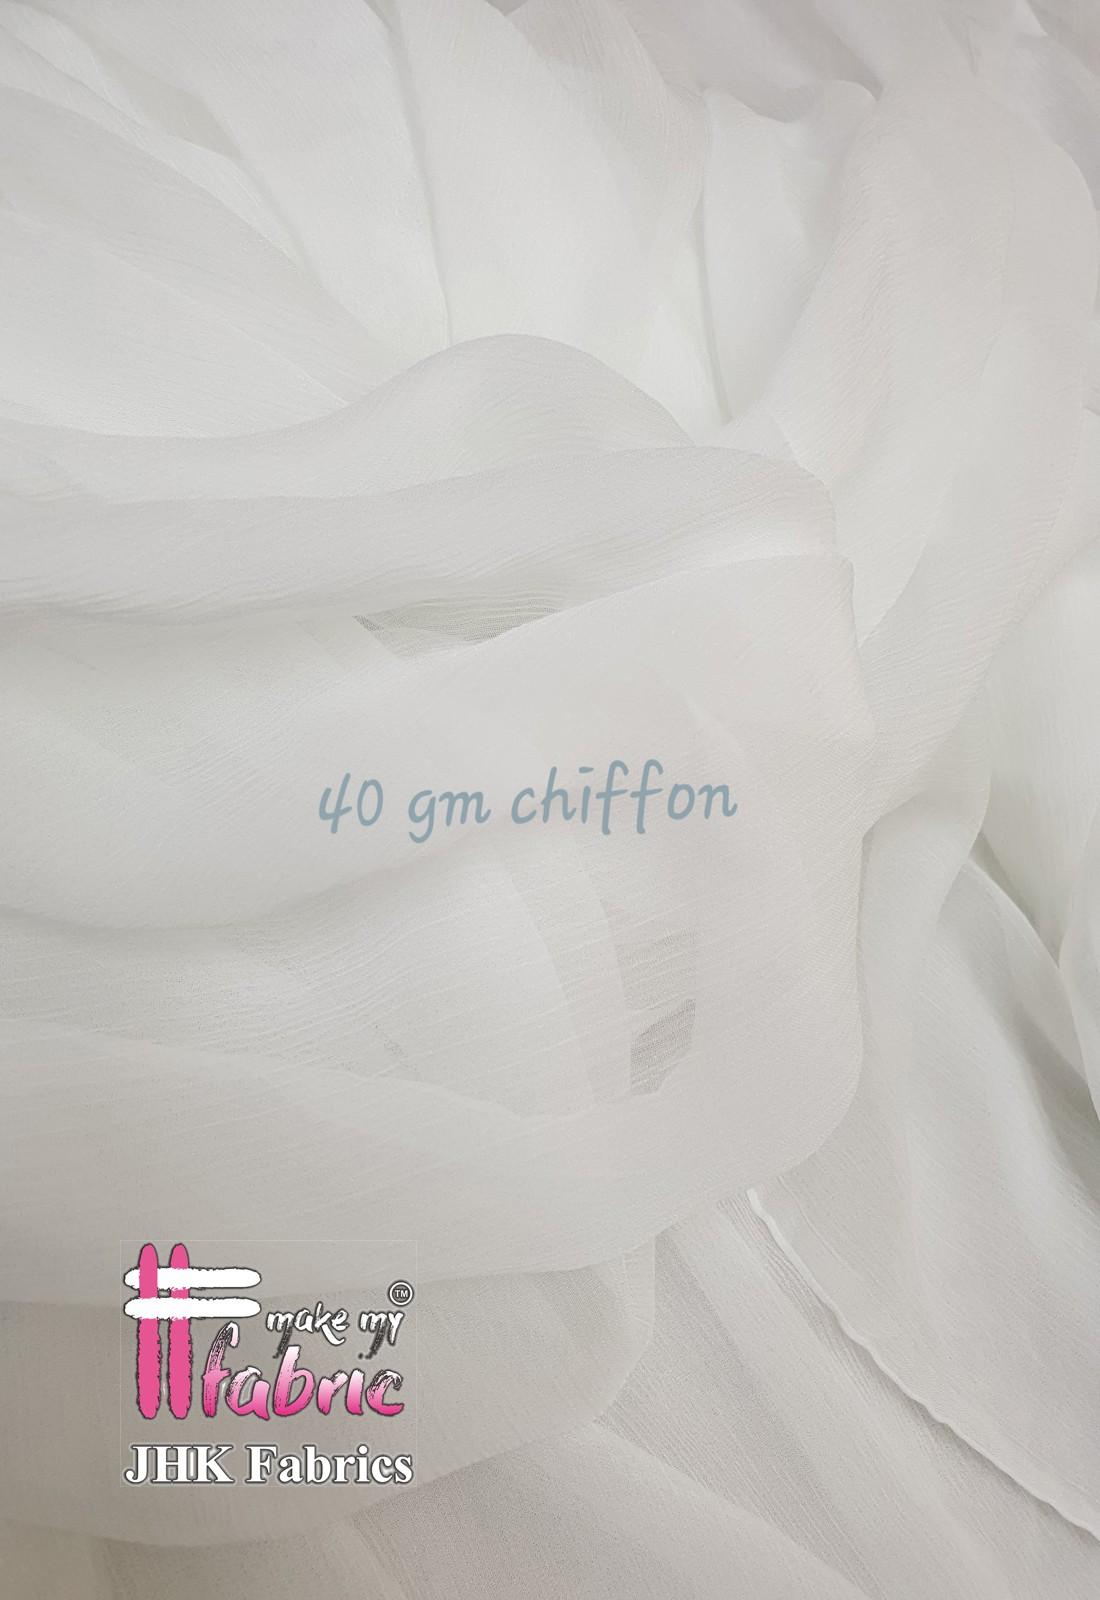 40 Gm Chiffon